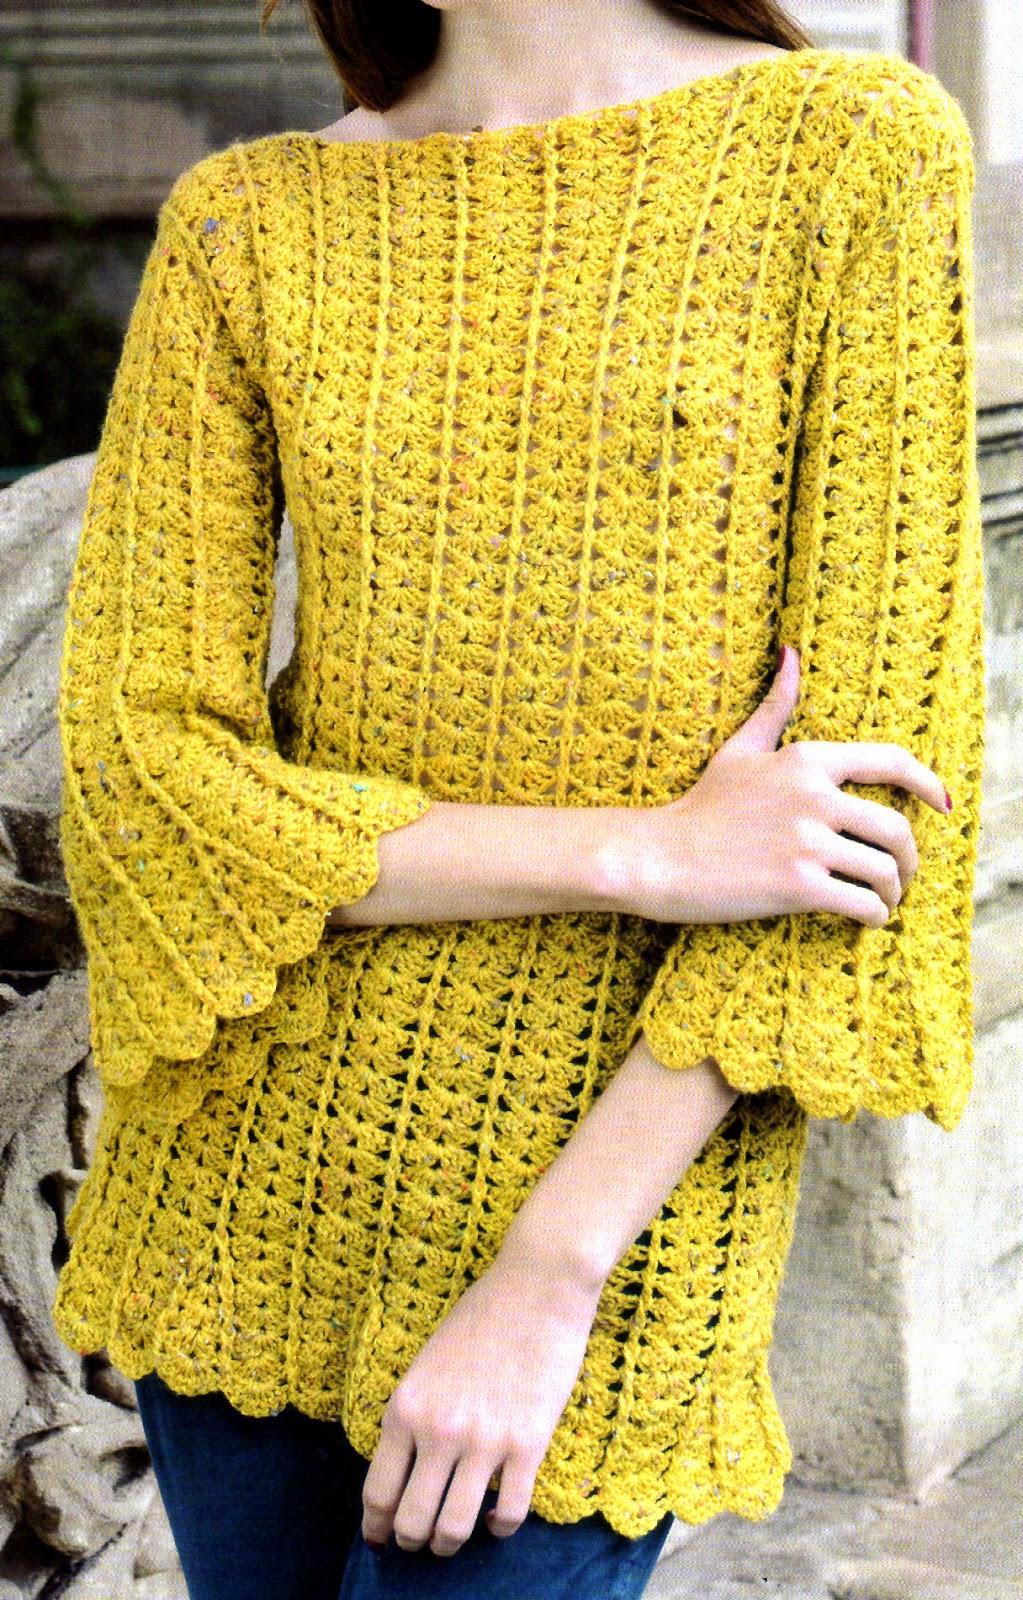 tejidos artesanales en crochet  pullover tejido en gajos 9c904f6d0469